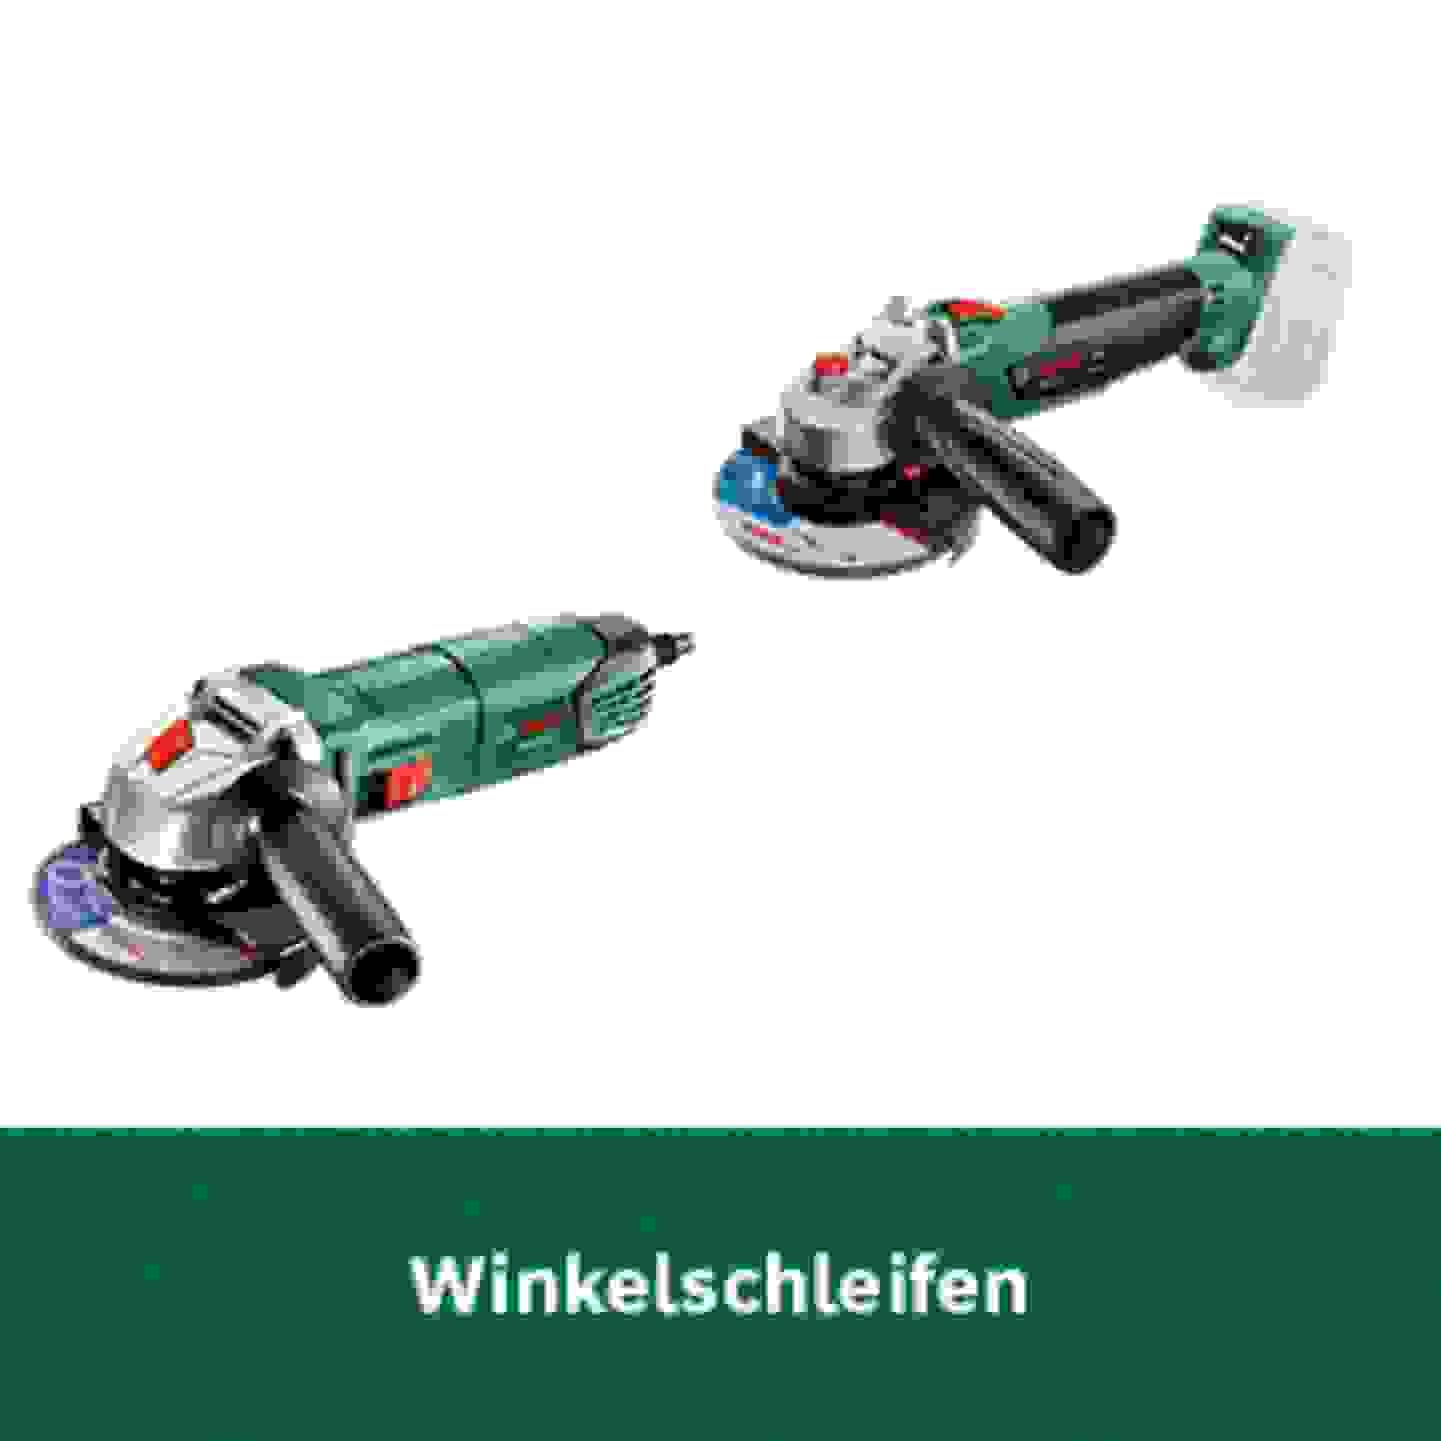 Bosch Winkelschleifen